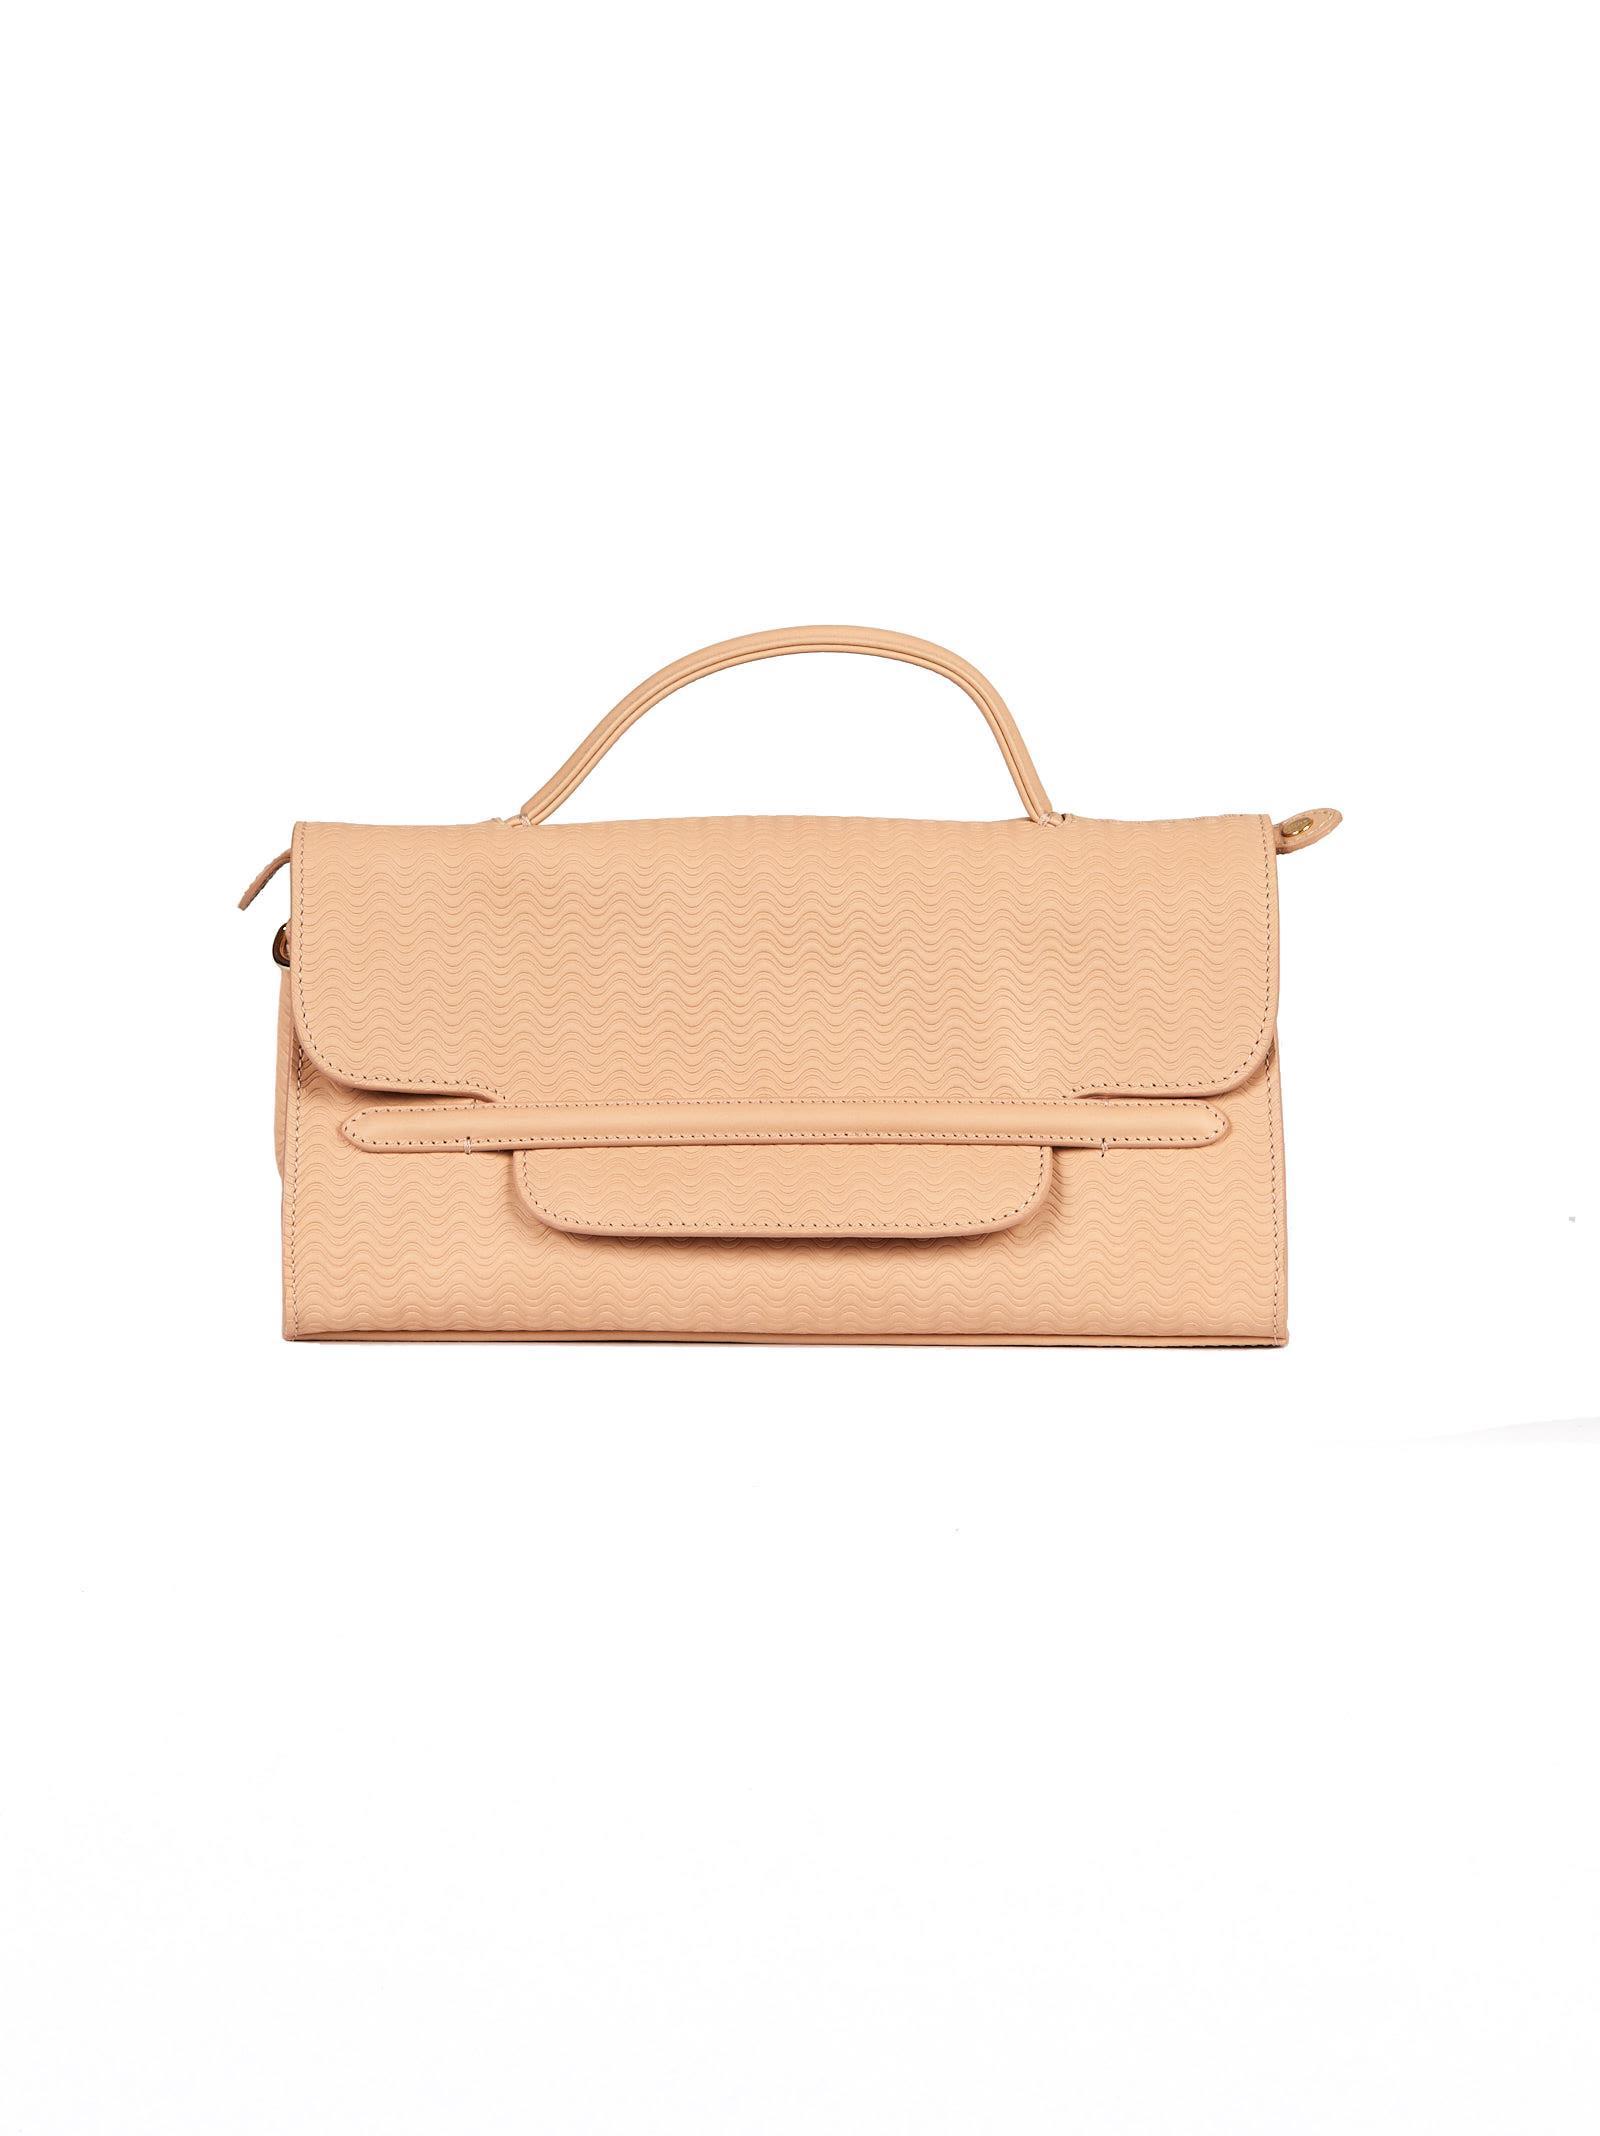 Zanellato Nina Shoulder Bag In Neutrals e14edc5dd9b18